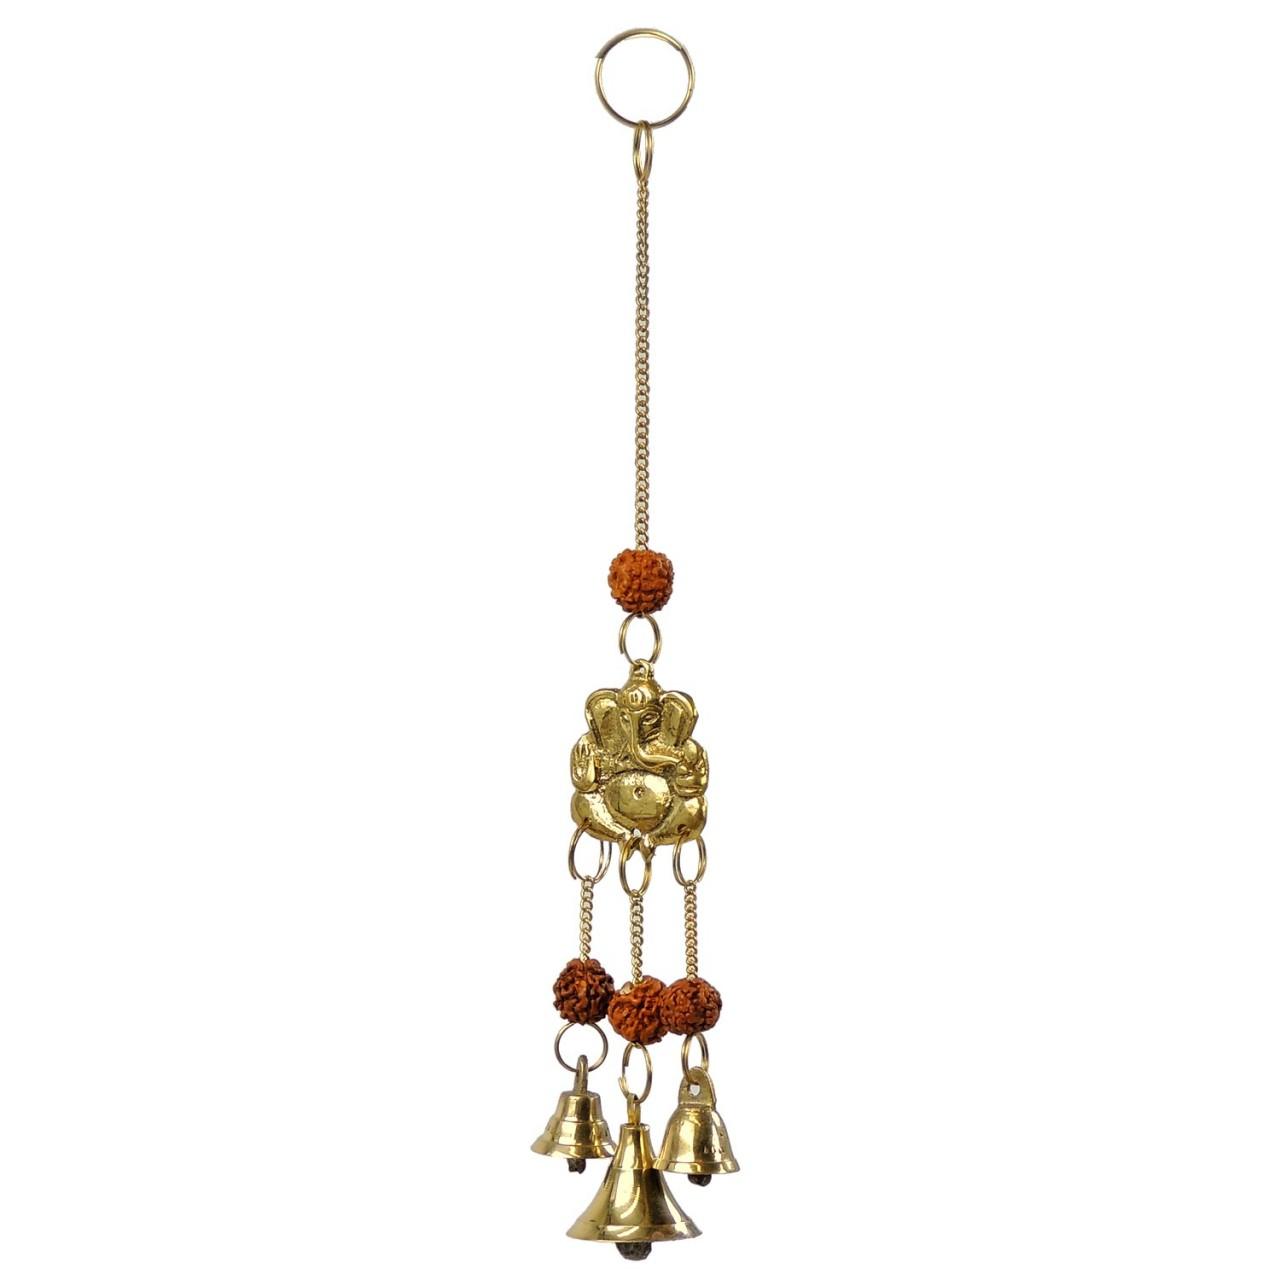 Windspiel Glöckchen Ganesha – Messing / RudrakshaSamen – Handwerk Indien